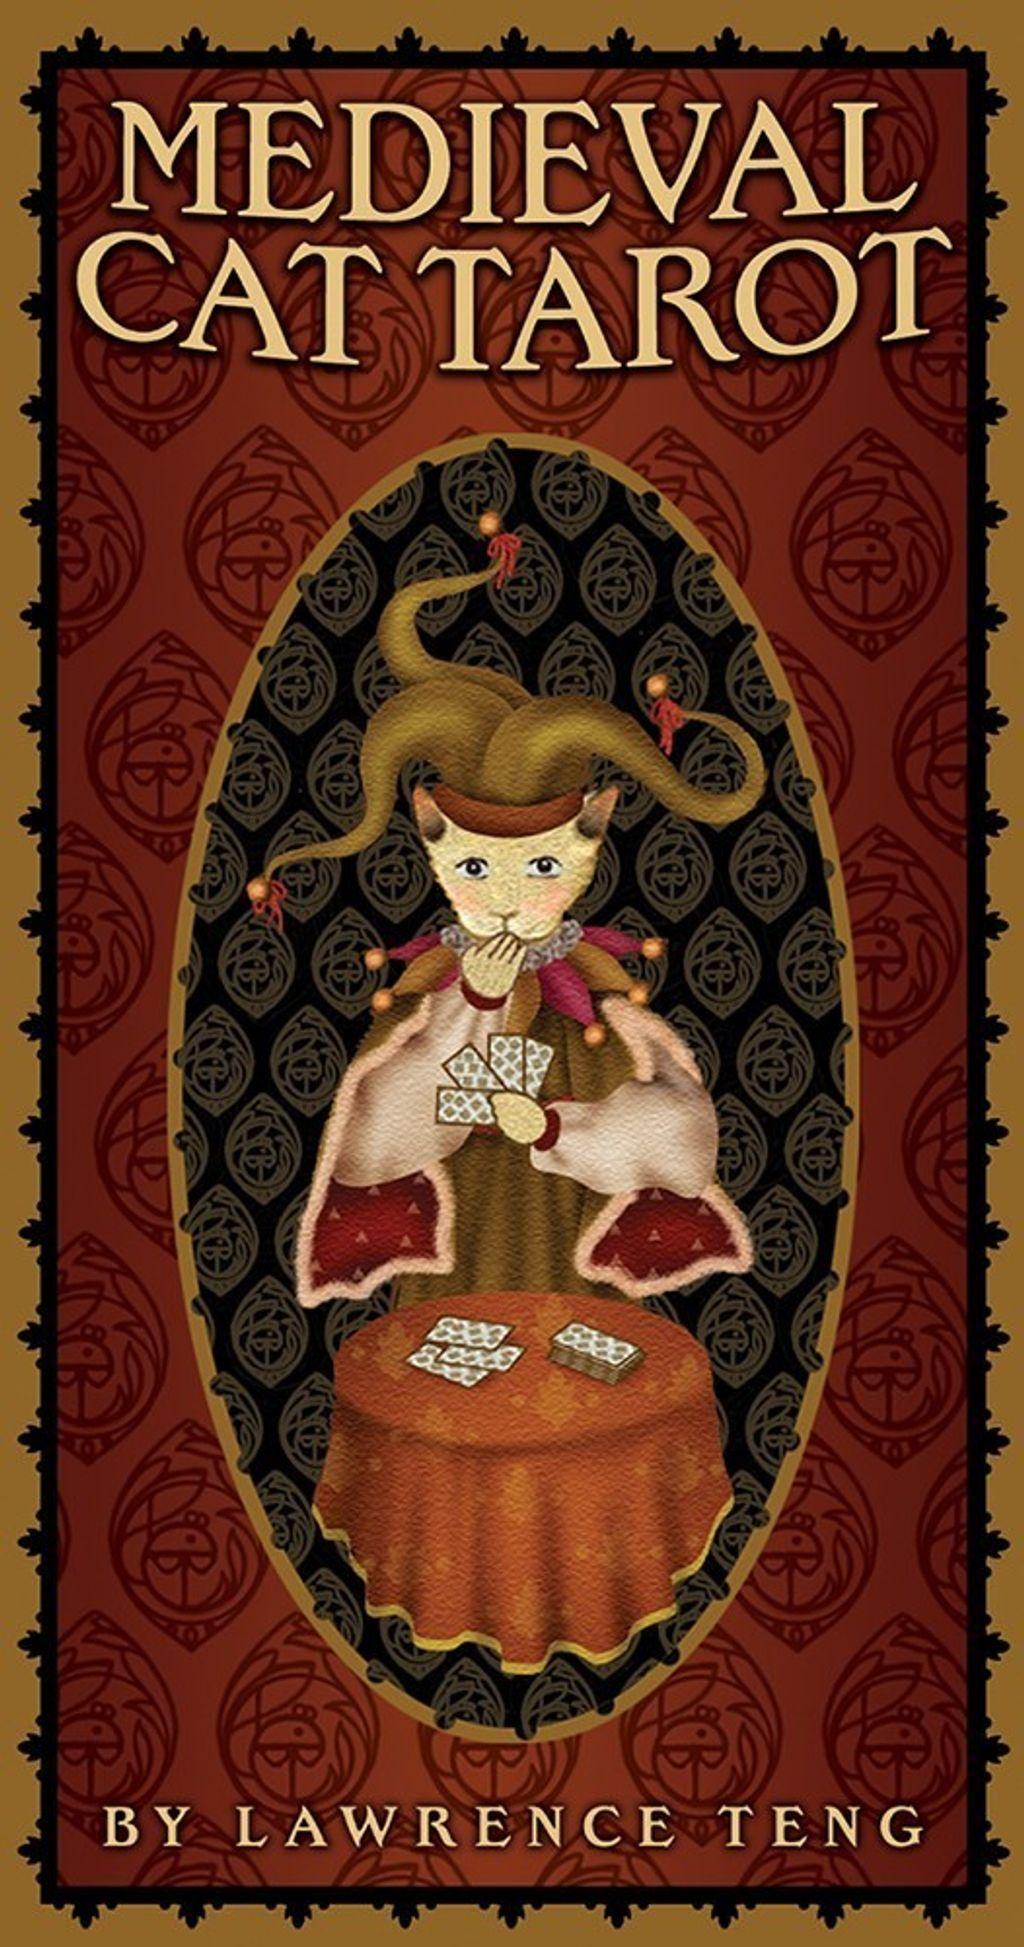 中世紀貓塔羅牌:Medieval Cat Tarot.jpg